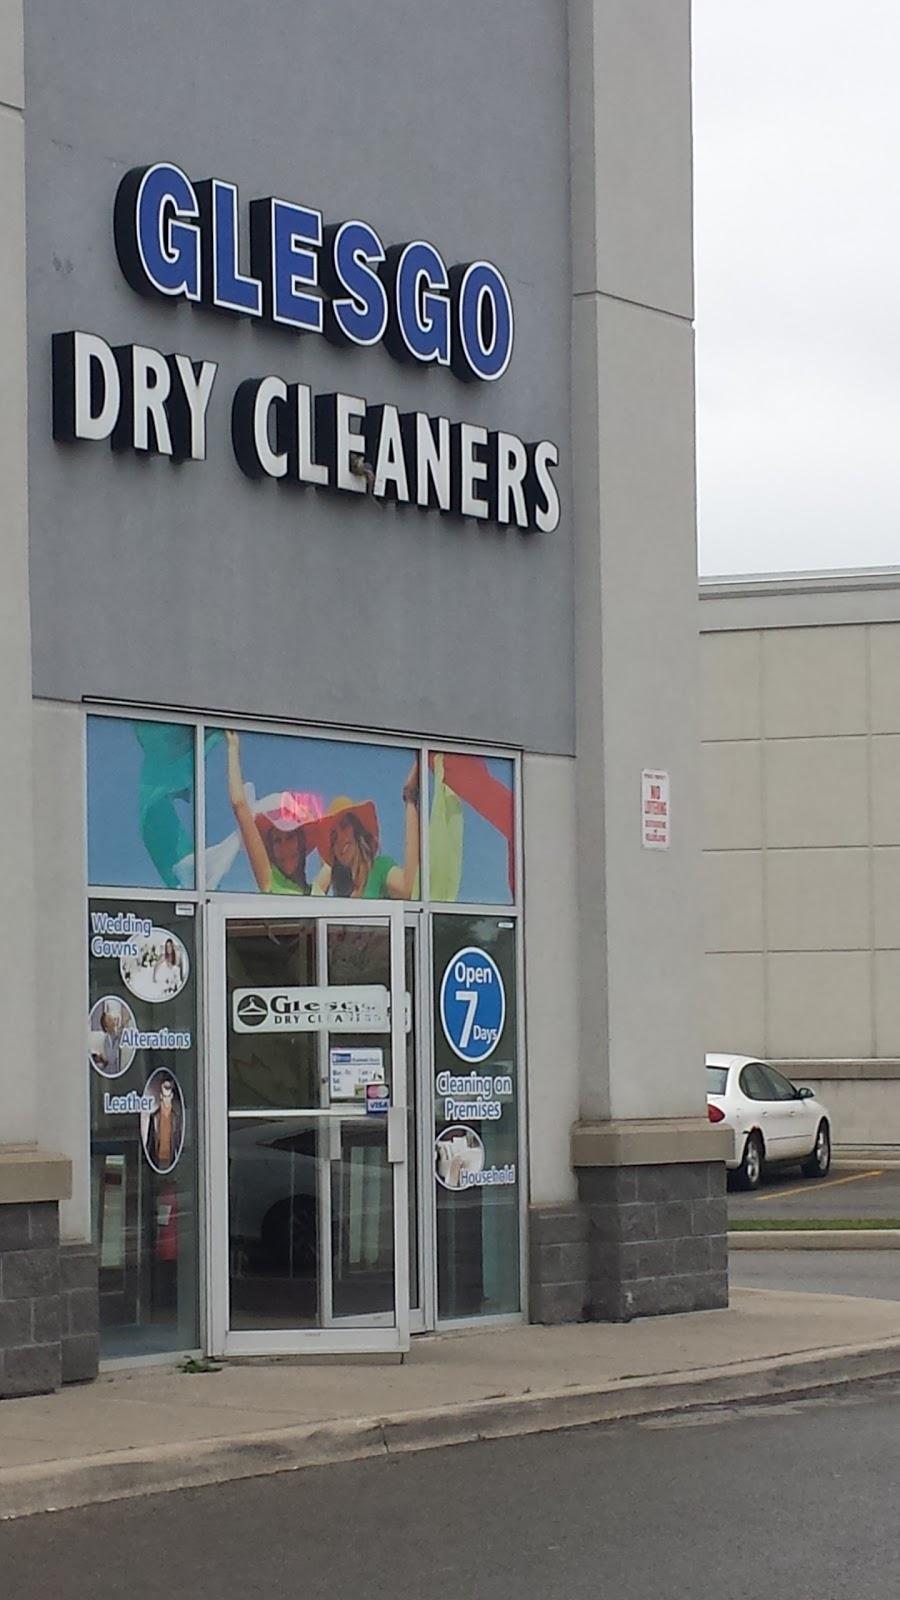 Glesgo Dry Cleaners - Stony Creek | laundry | 284 Mud St W, Stoney Creek, ON L8J 3Z6, Canada | 9056611110 OR +1 905-661-1110